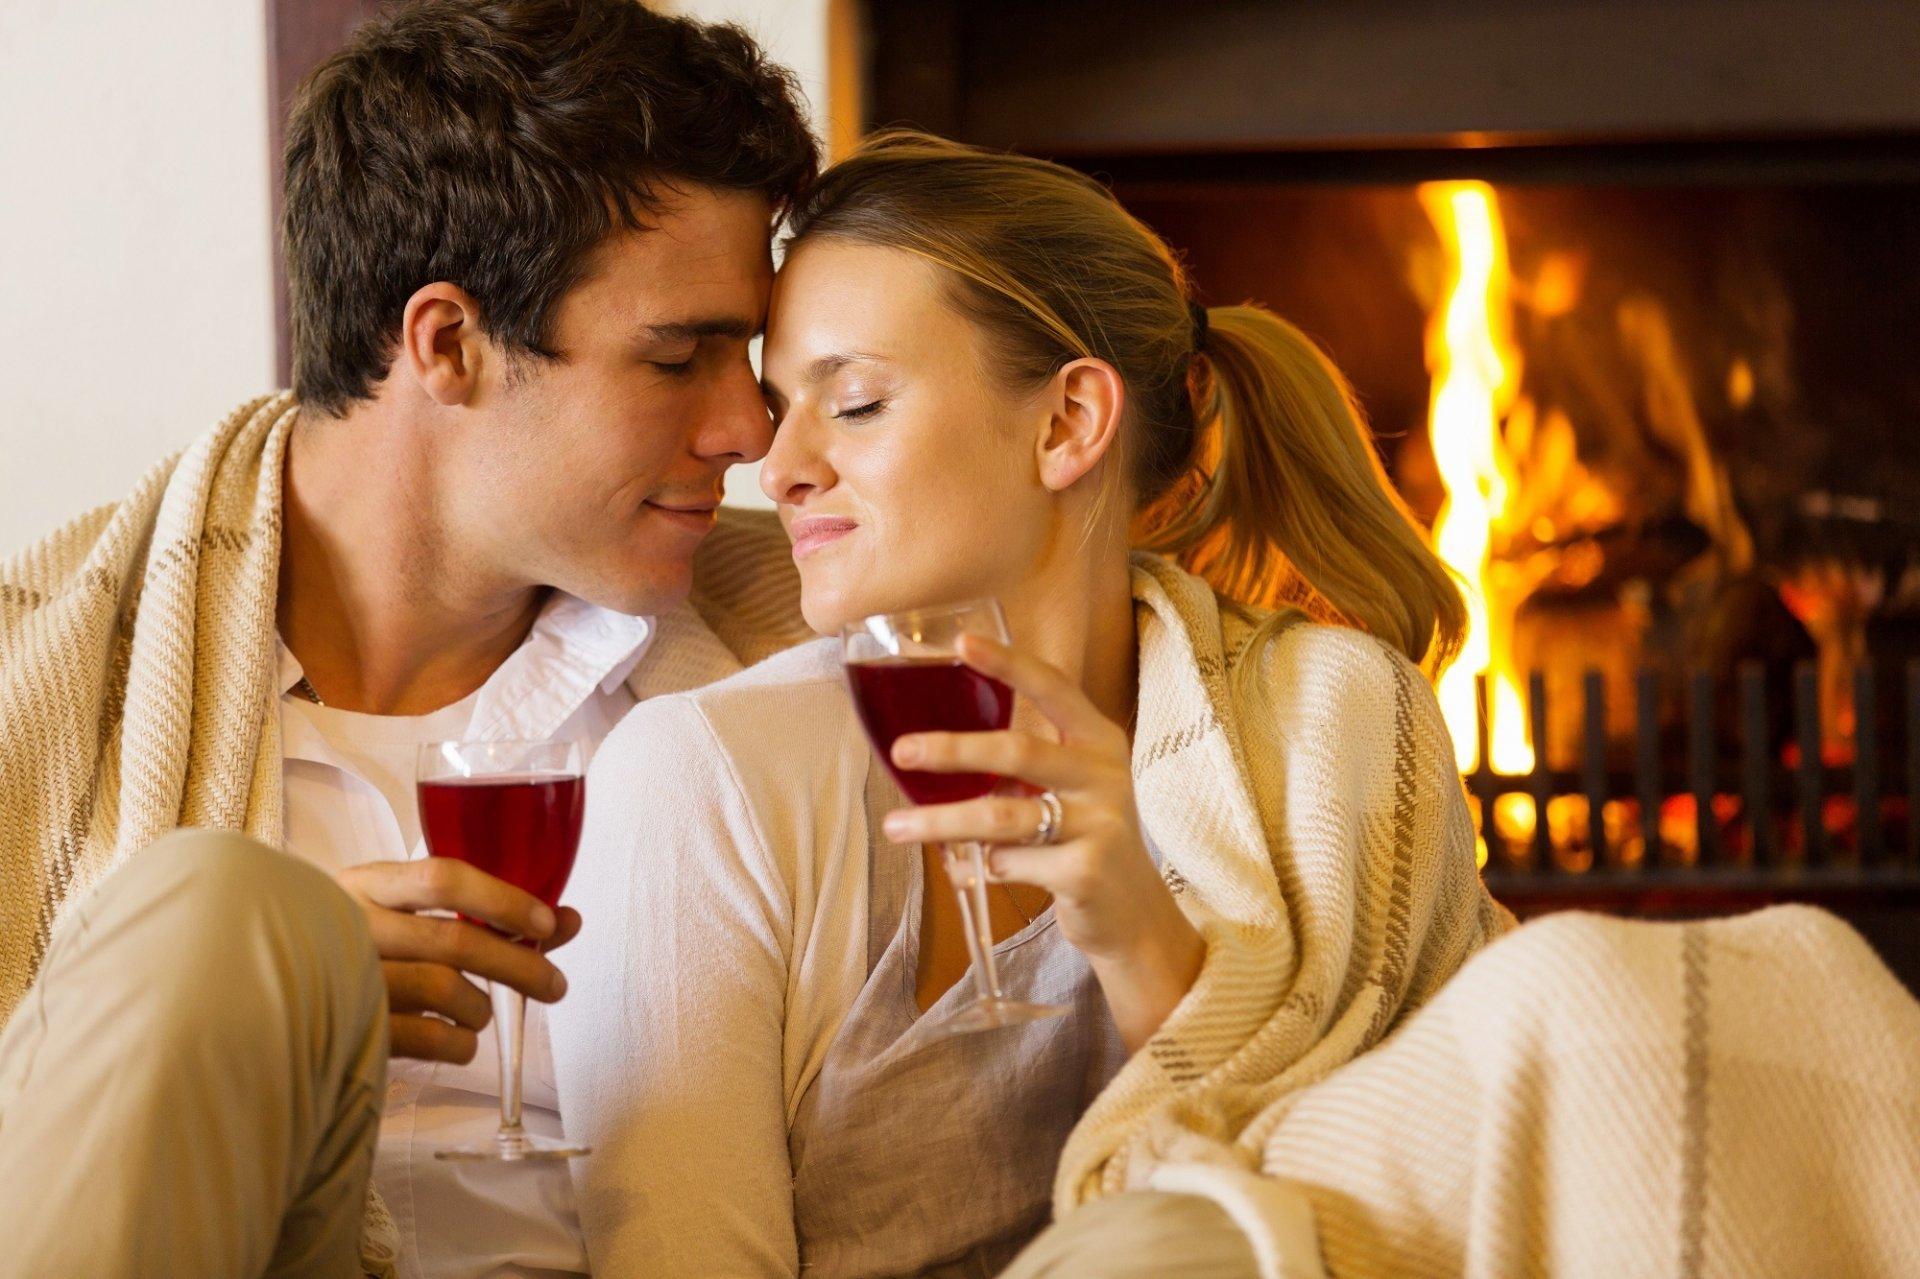 kuschelwochenende im kuschelhotel romantik kurzurlaub zu. Black Bedroom Furniture Sets. Home Design Ideas